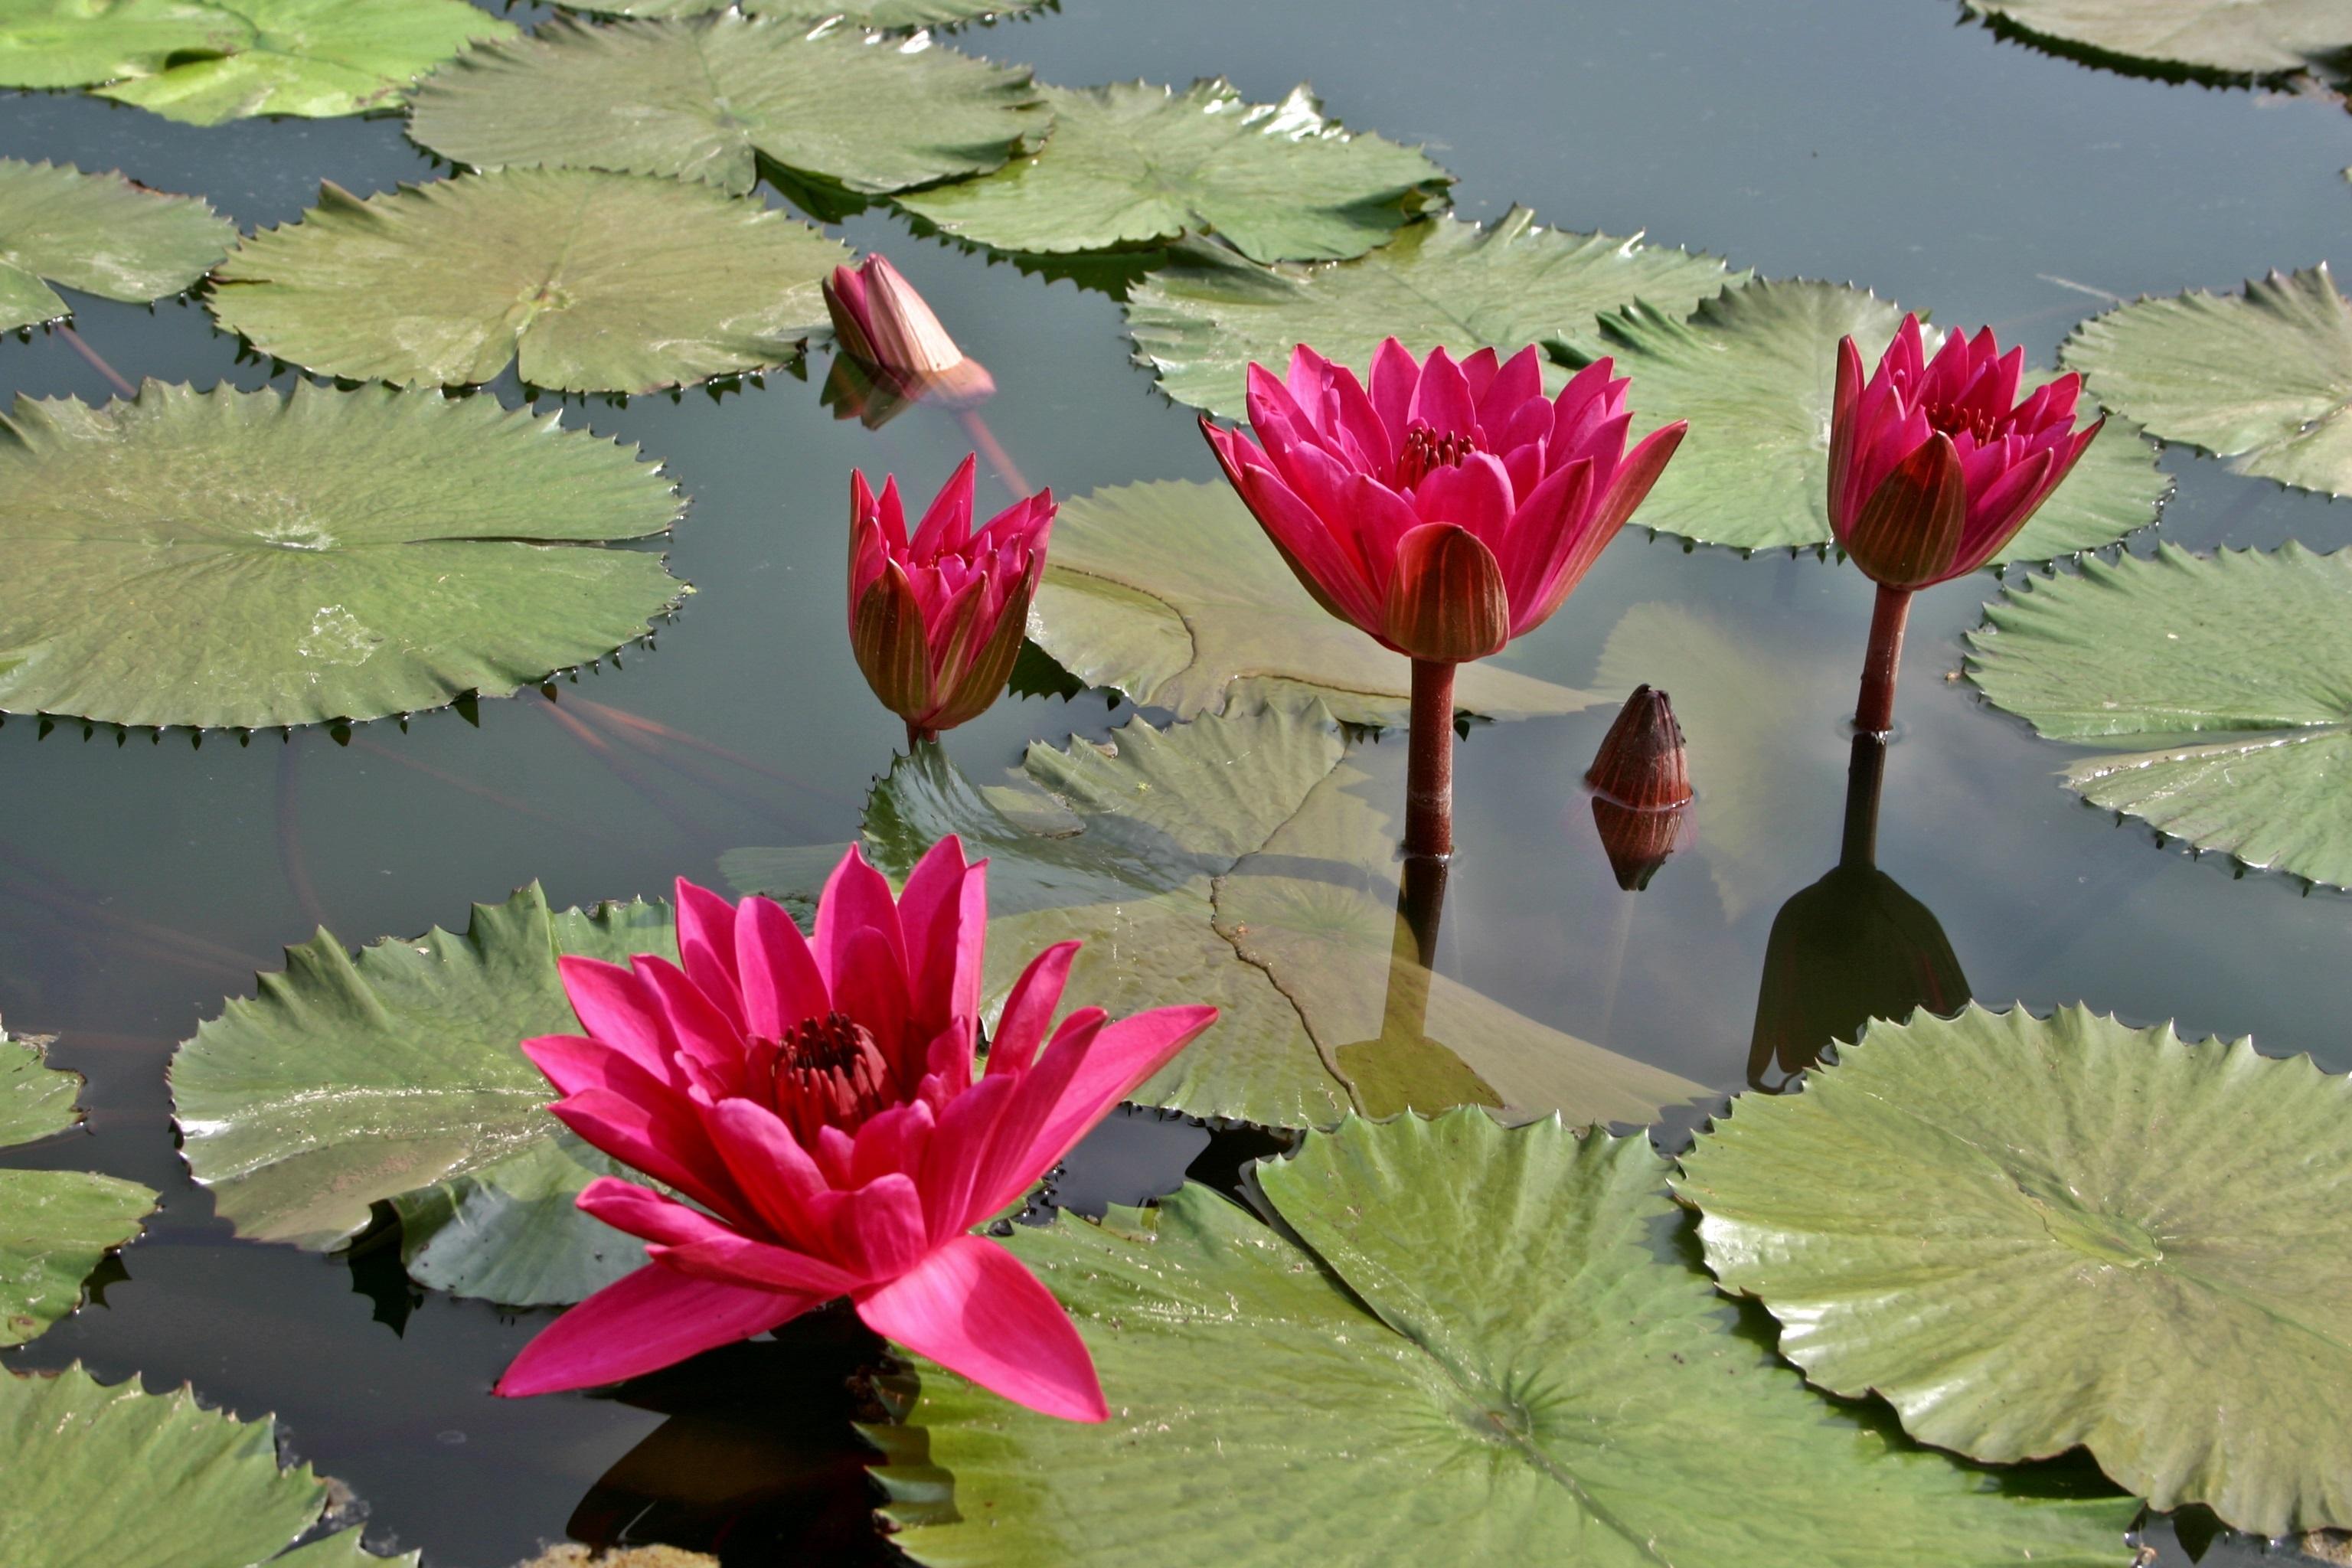 Free Images : nature, blossom, leaf, flower, petal, bloom, rose ...